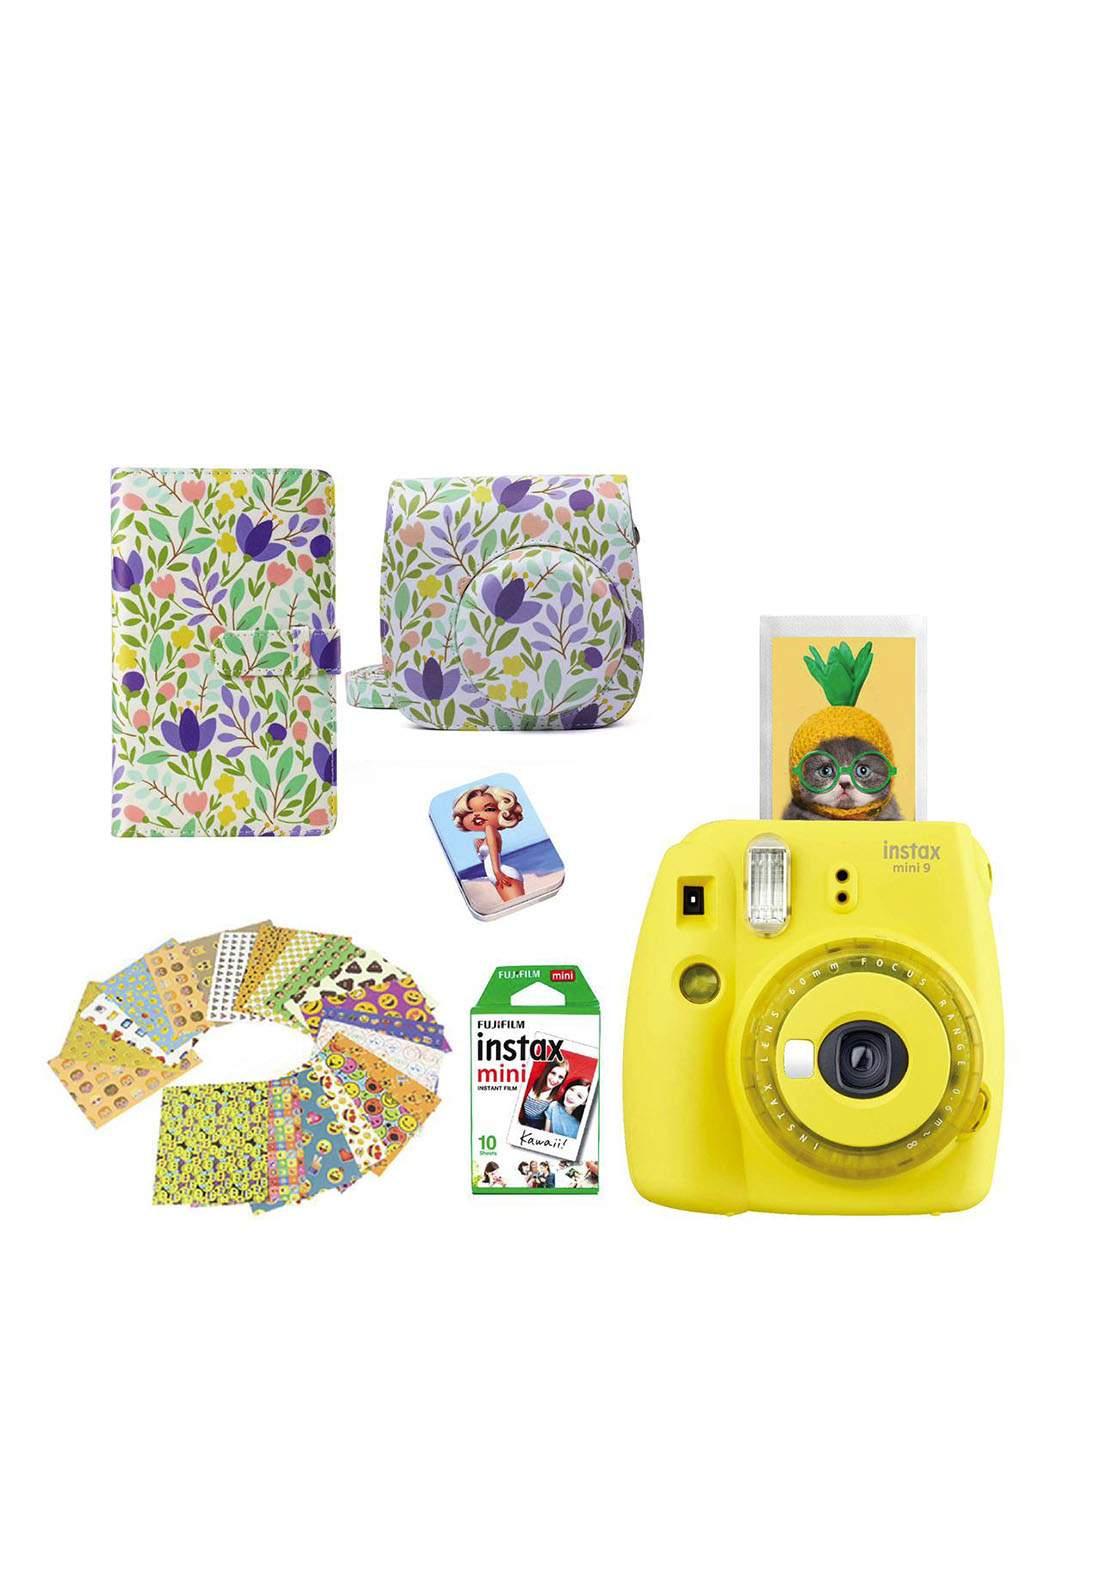 Fujifilm Instax LifeStyle Pack Mini9 Camera Package - Yellow كاميرا فورية